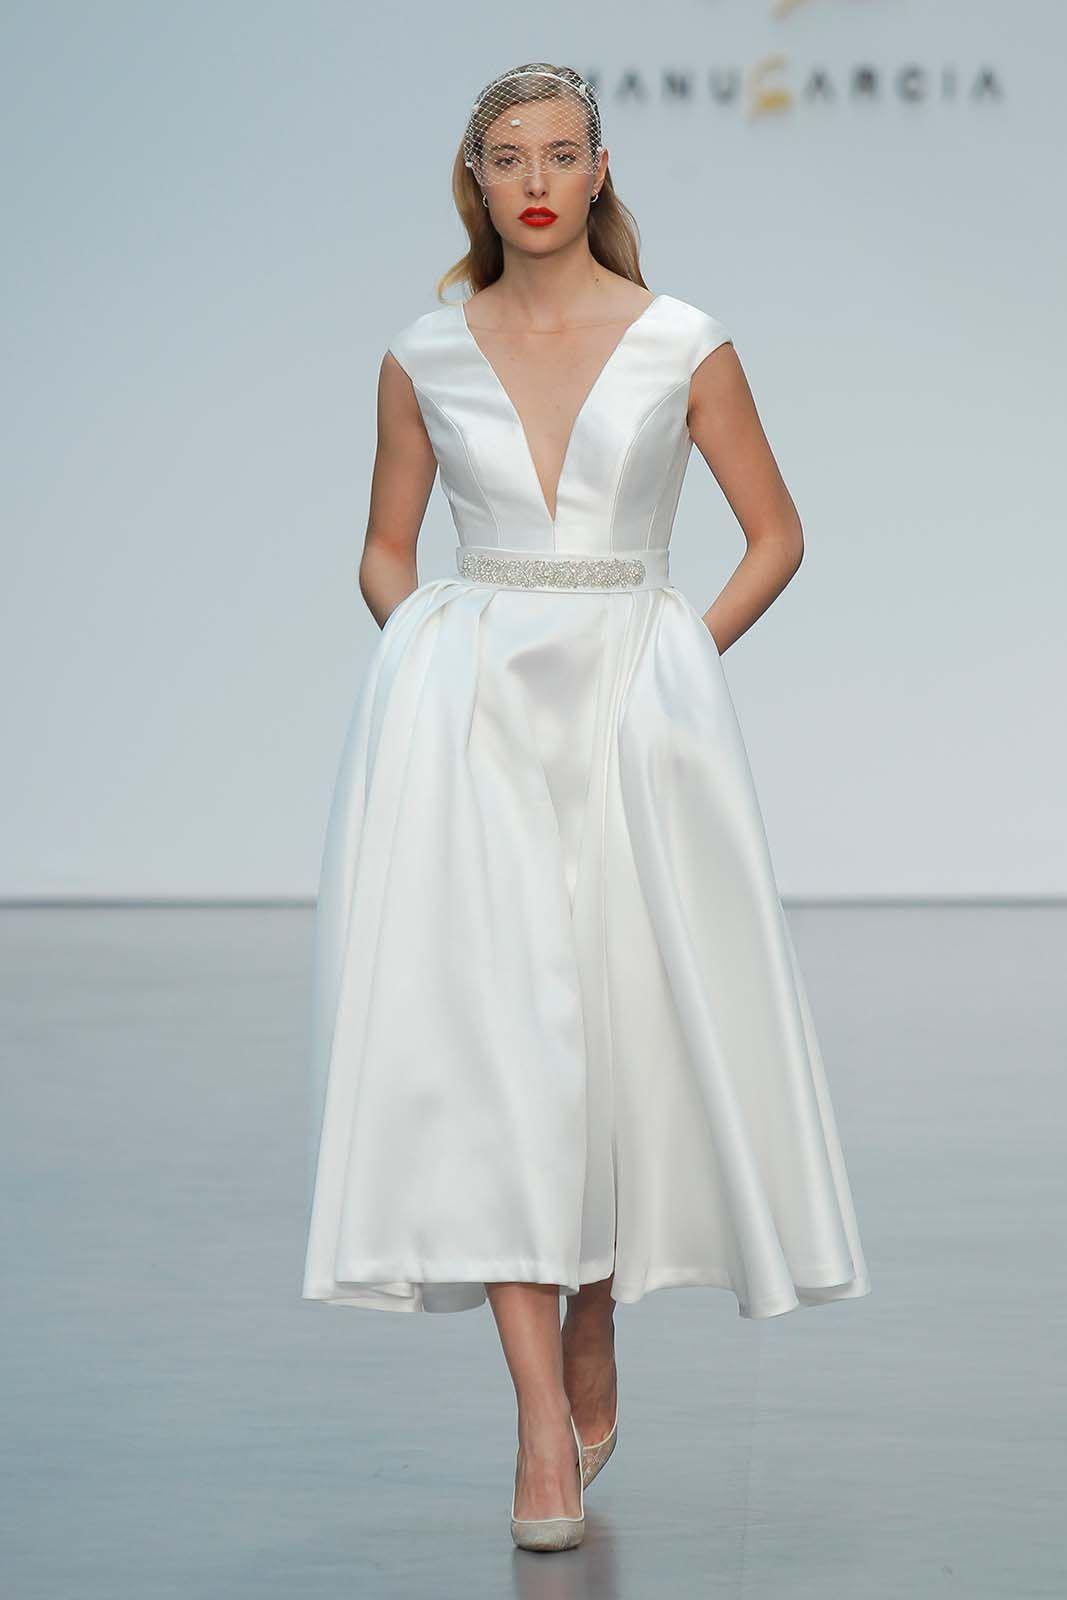 Lovely Vestido Novia Flamenca Photos - Wedding Ideas - memiocall.com